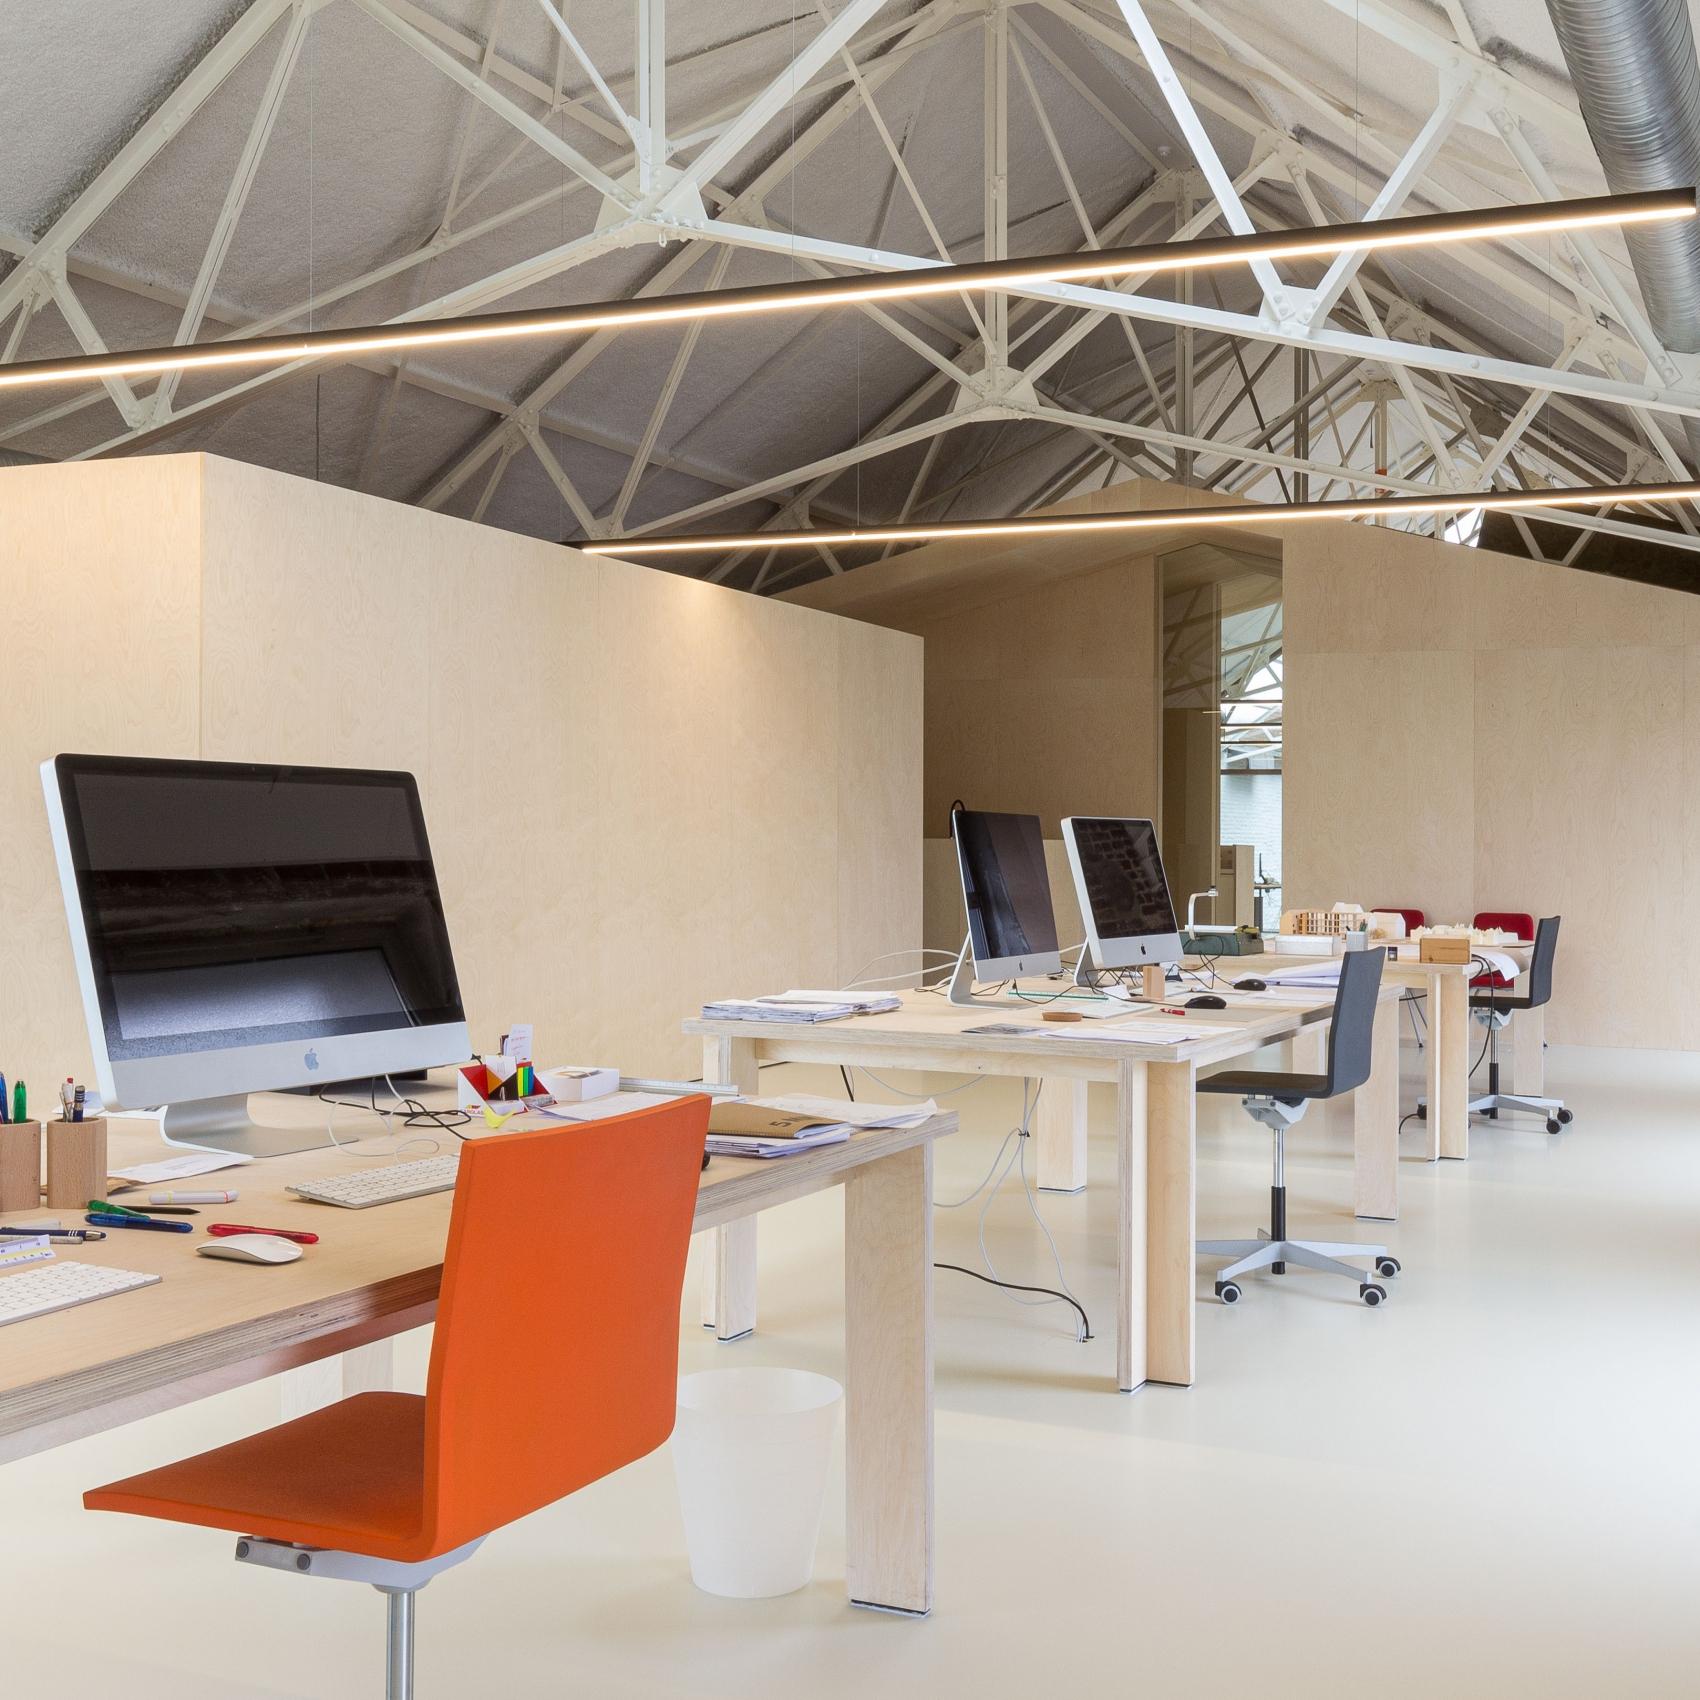 atelier-12-kantoor-1b